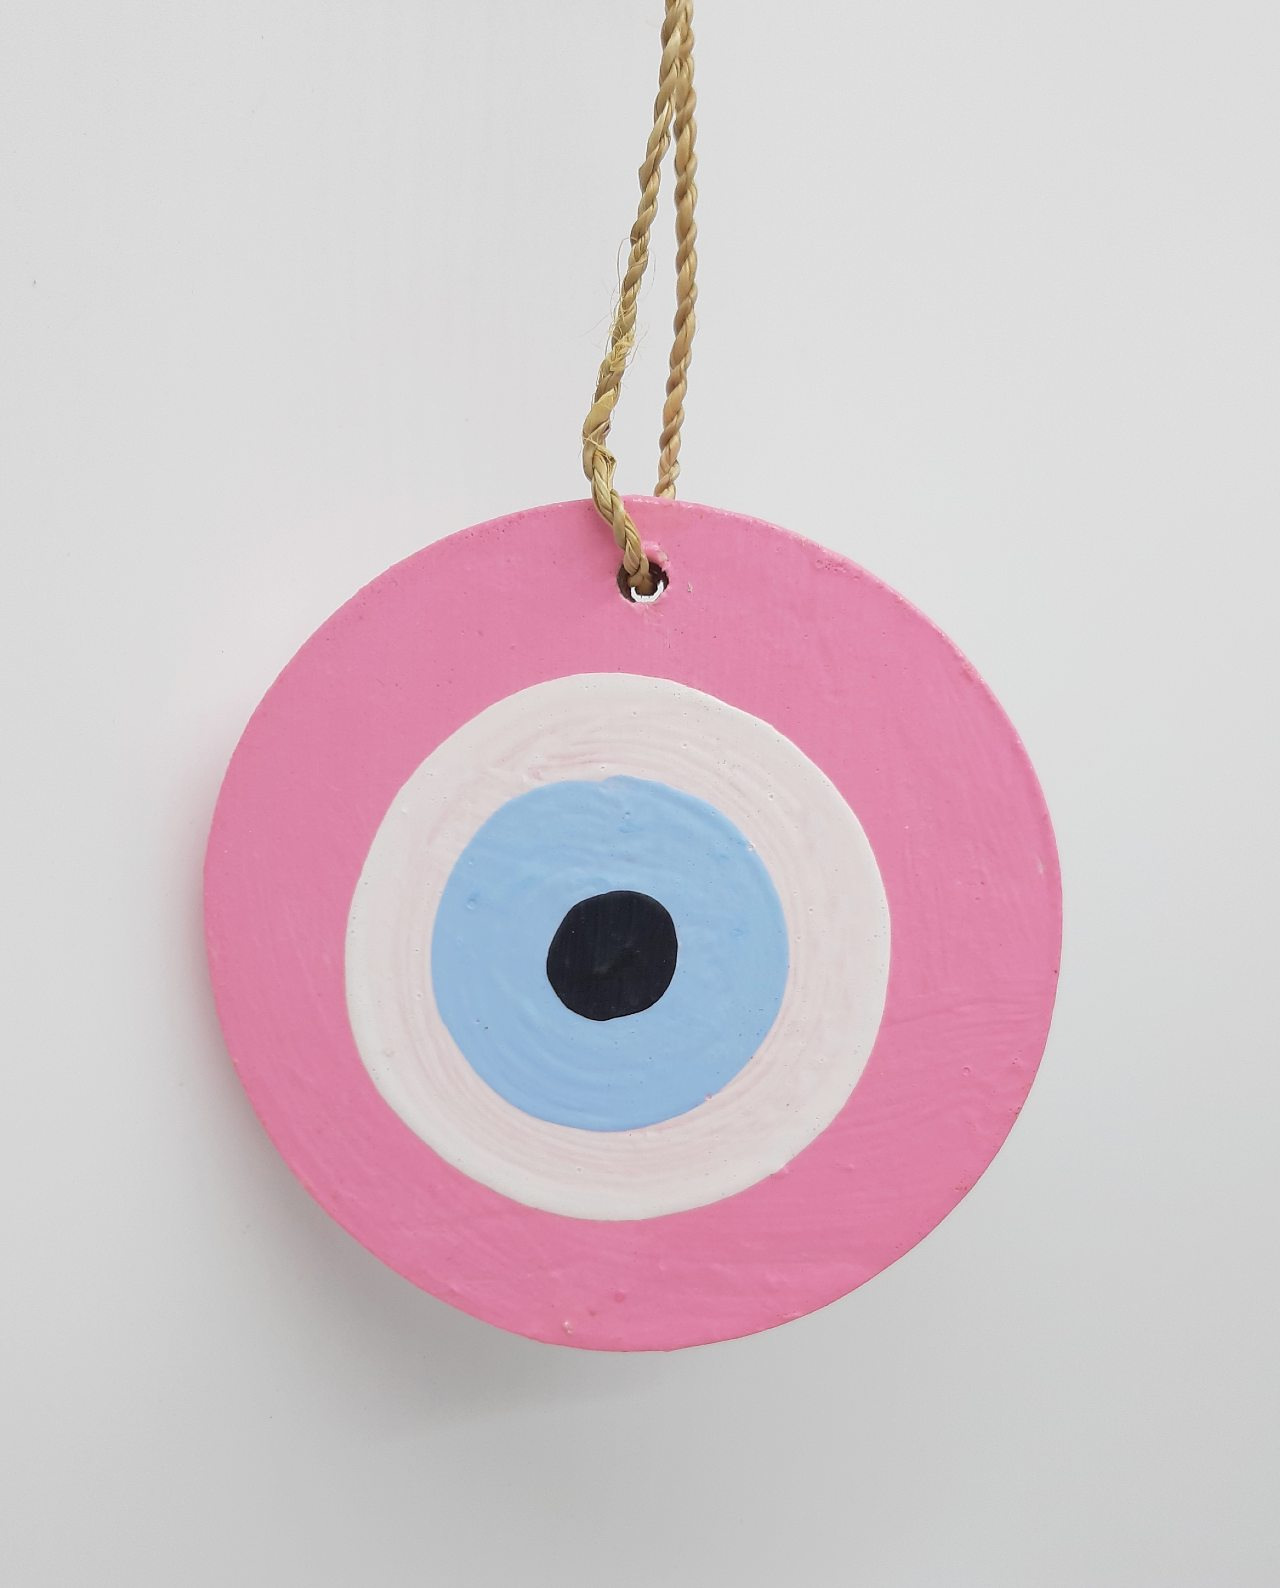 Ματάκι Ξύλινο Χειροποίητο Διαμέτρου 8 cm χρώμα ροζ